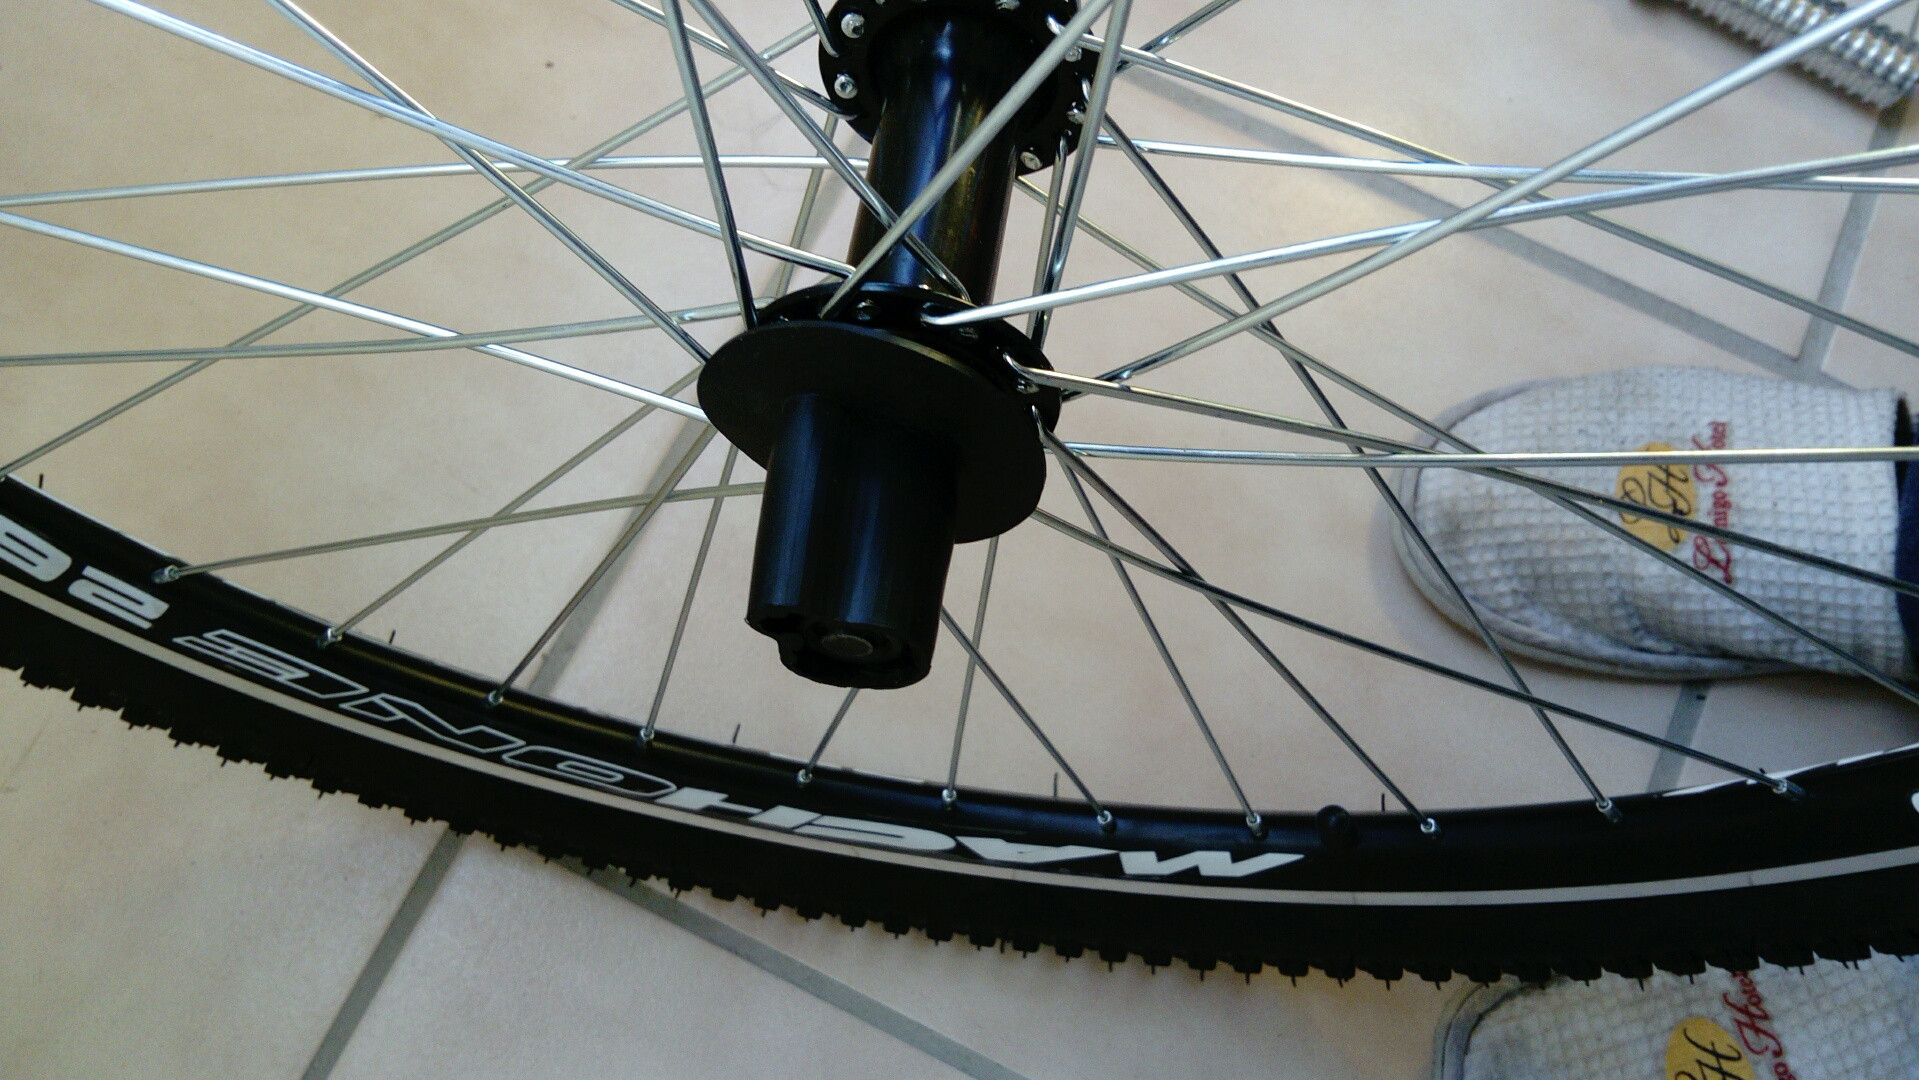 Переспицовка колеса велосипеда 36 спиц. спицевание велосипедного колеса: как переспицевать его самостоятельно